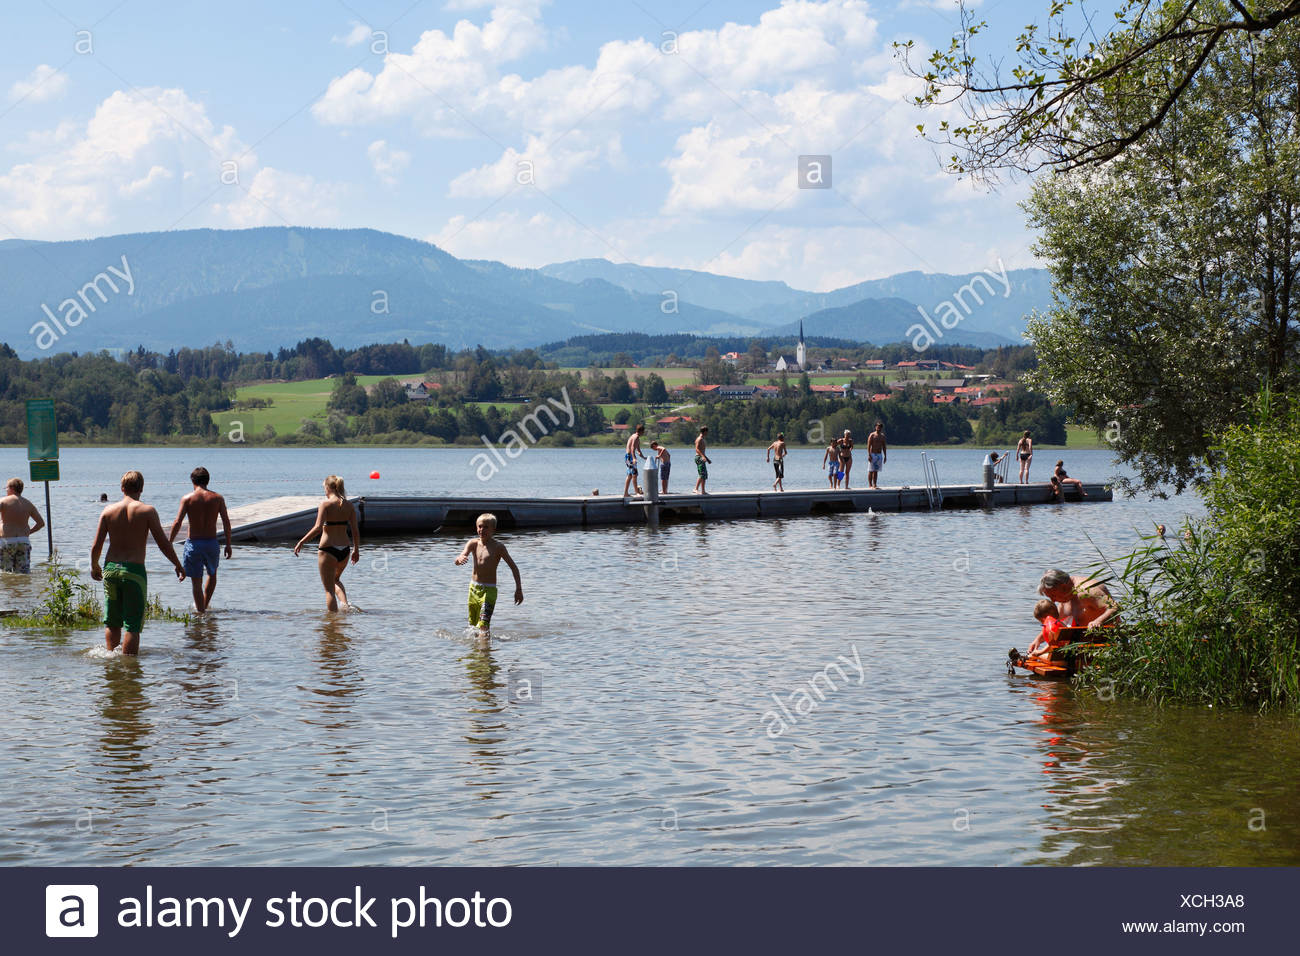 Simssee lake near Stephanskirchen, Neukirchen at back, Chiemgau, Upper Bavaria, Bavaria, Germany, Europe, PublicGround - Stock Image